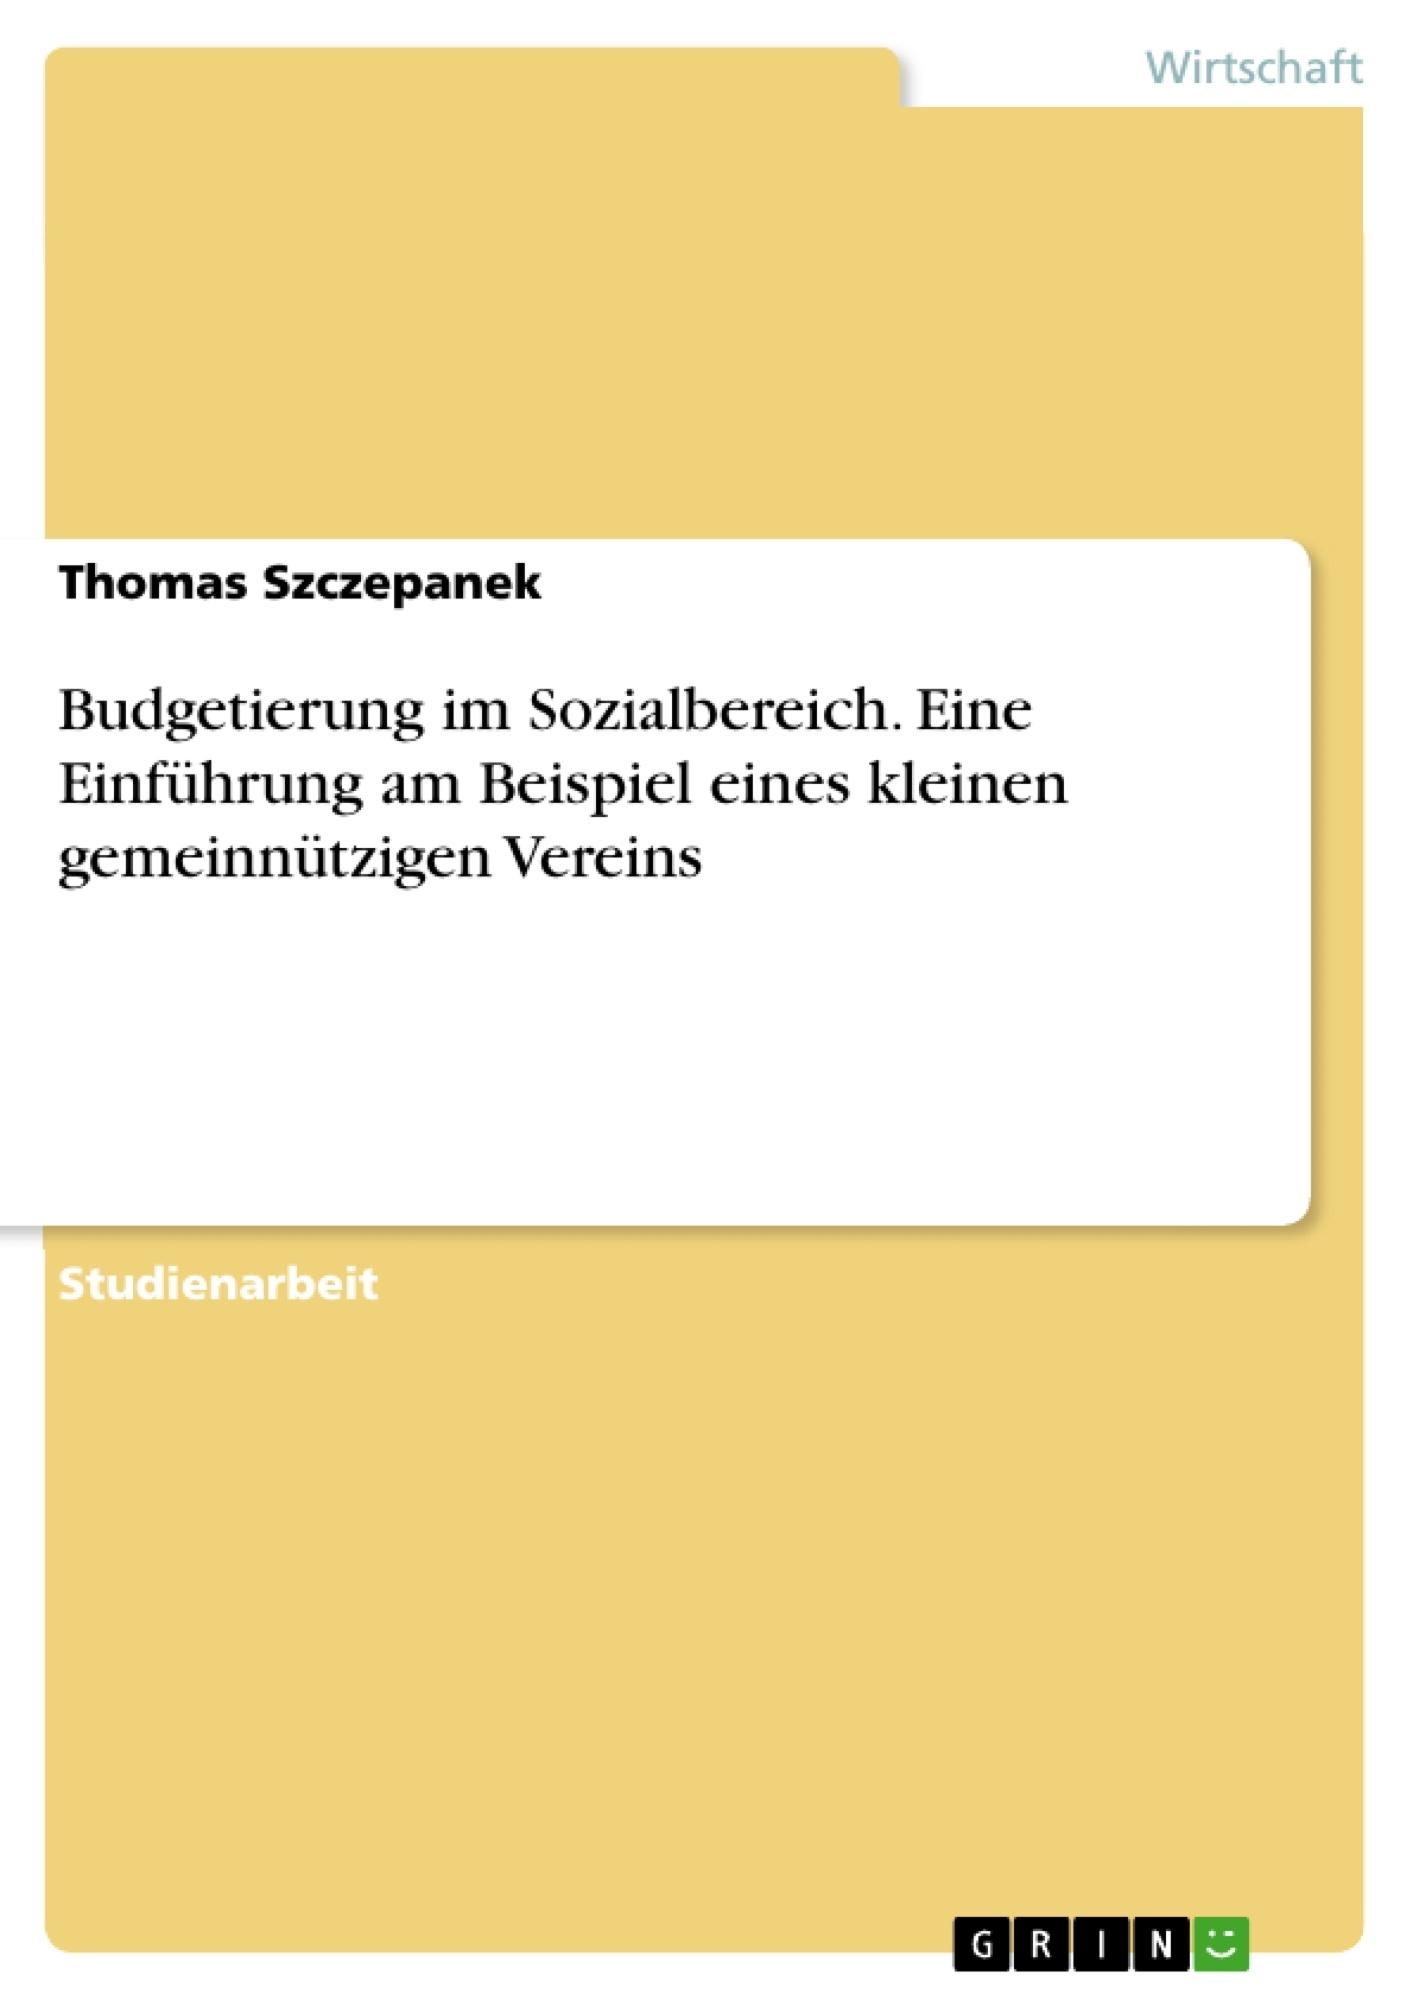 Titel: Budgetierung im Sozialbereich. Eine Einführung am Beispiel eines kleinen gemeinnützigen Vereins